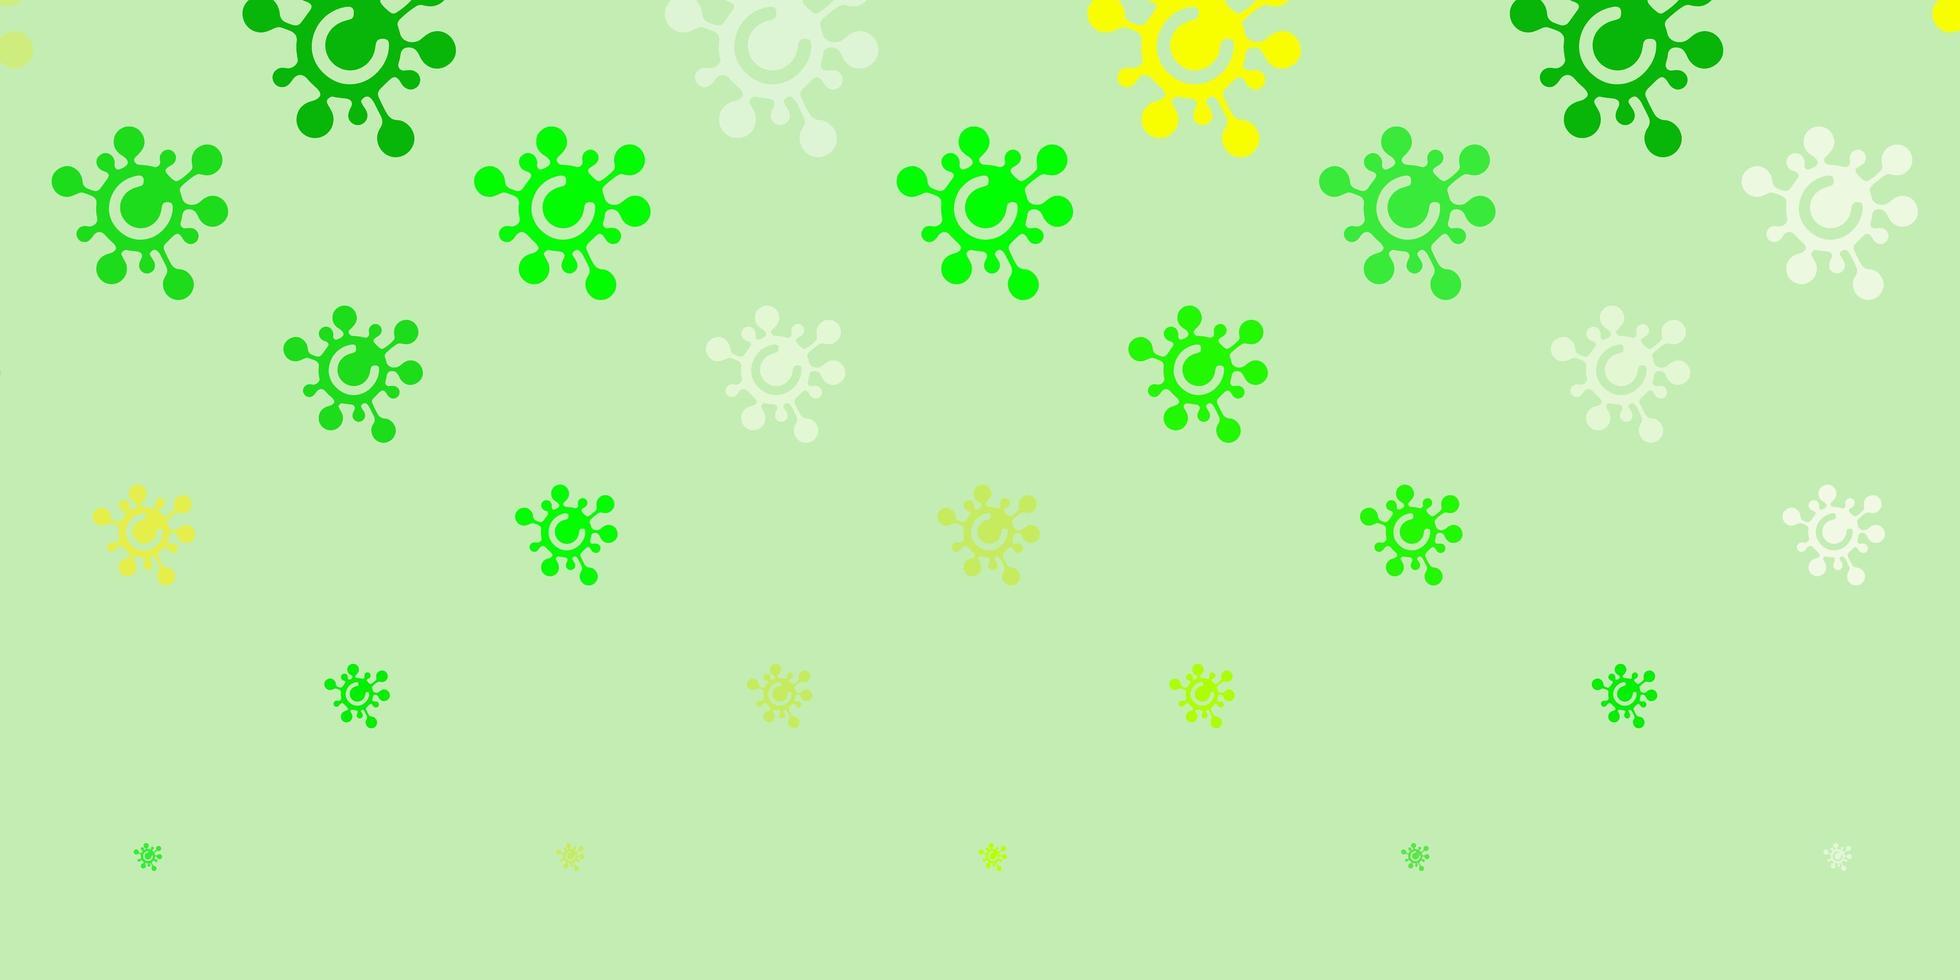 lichtgroene, gele vectorachtergrond met virussymbolen. vector